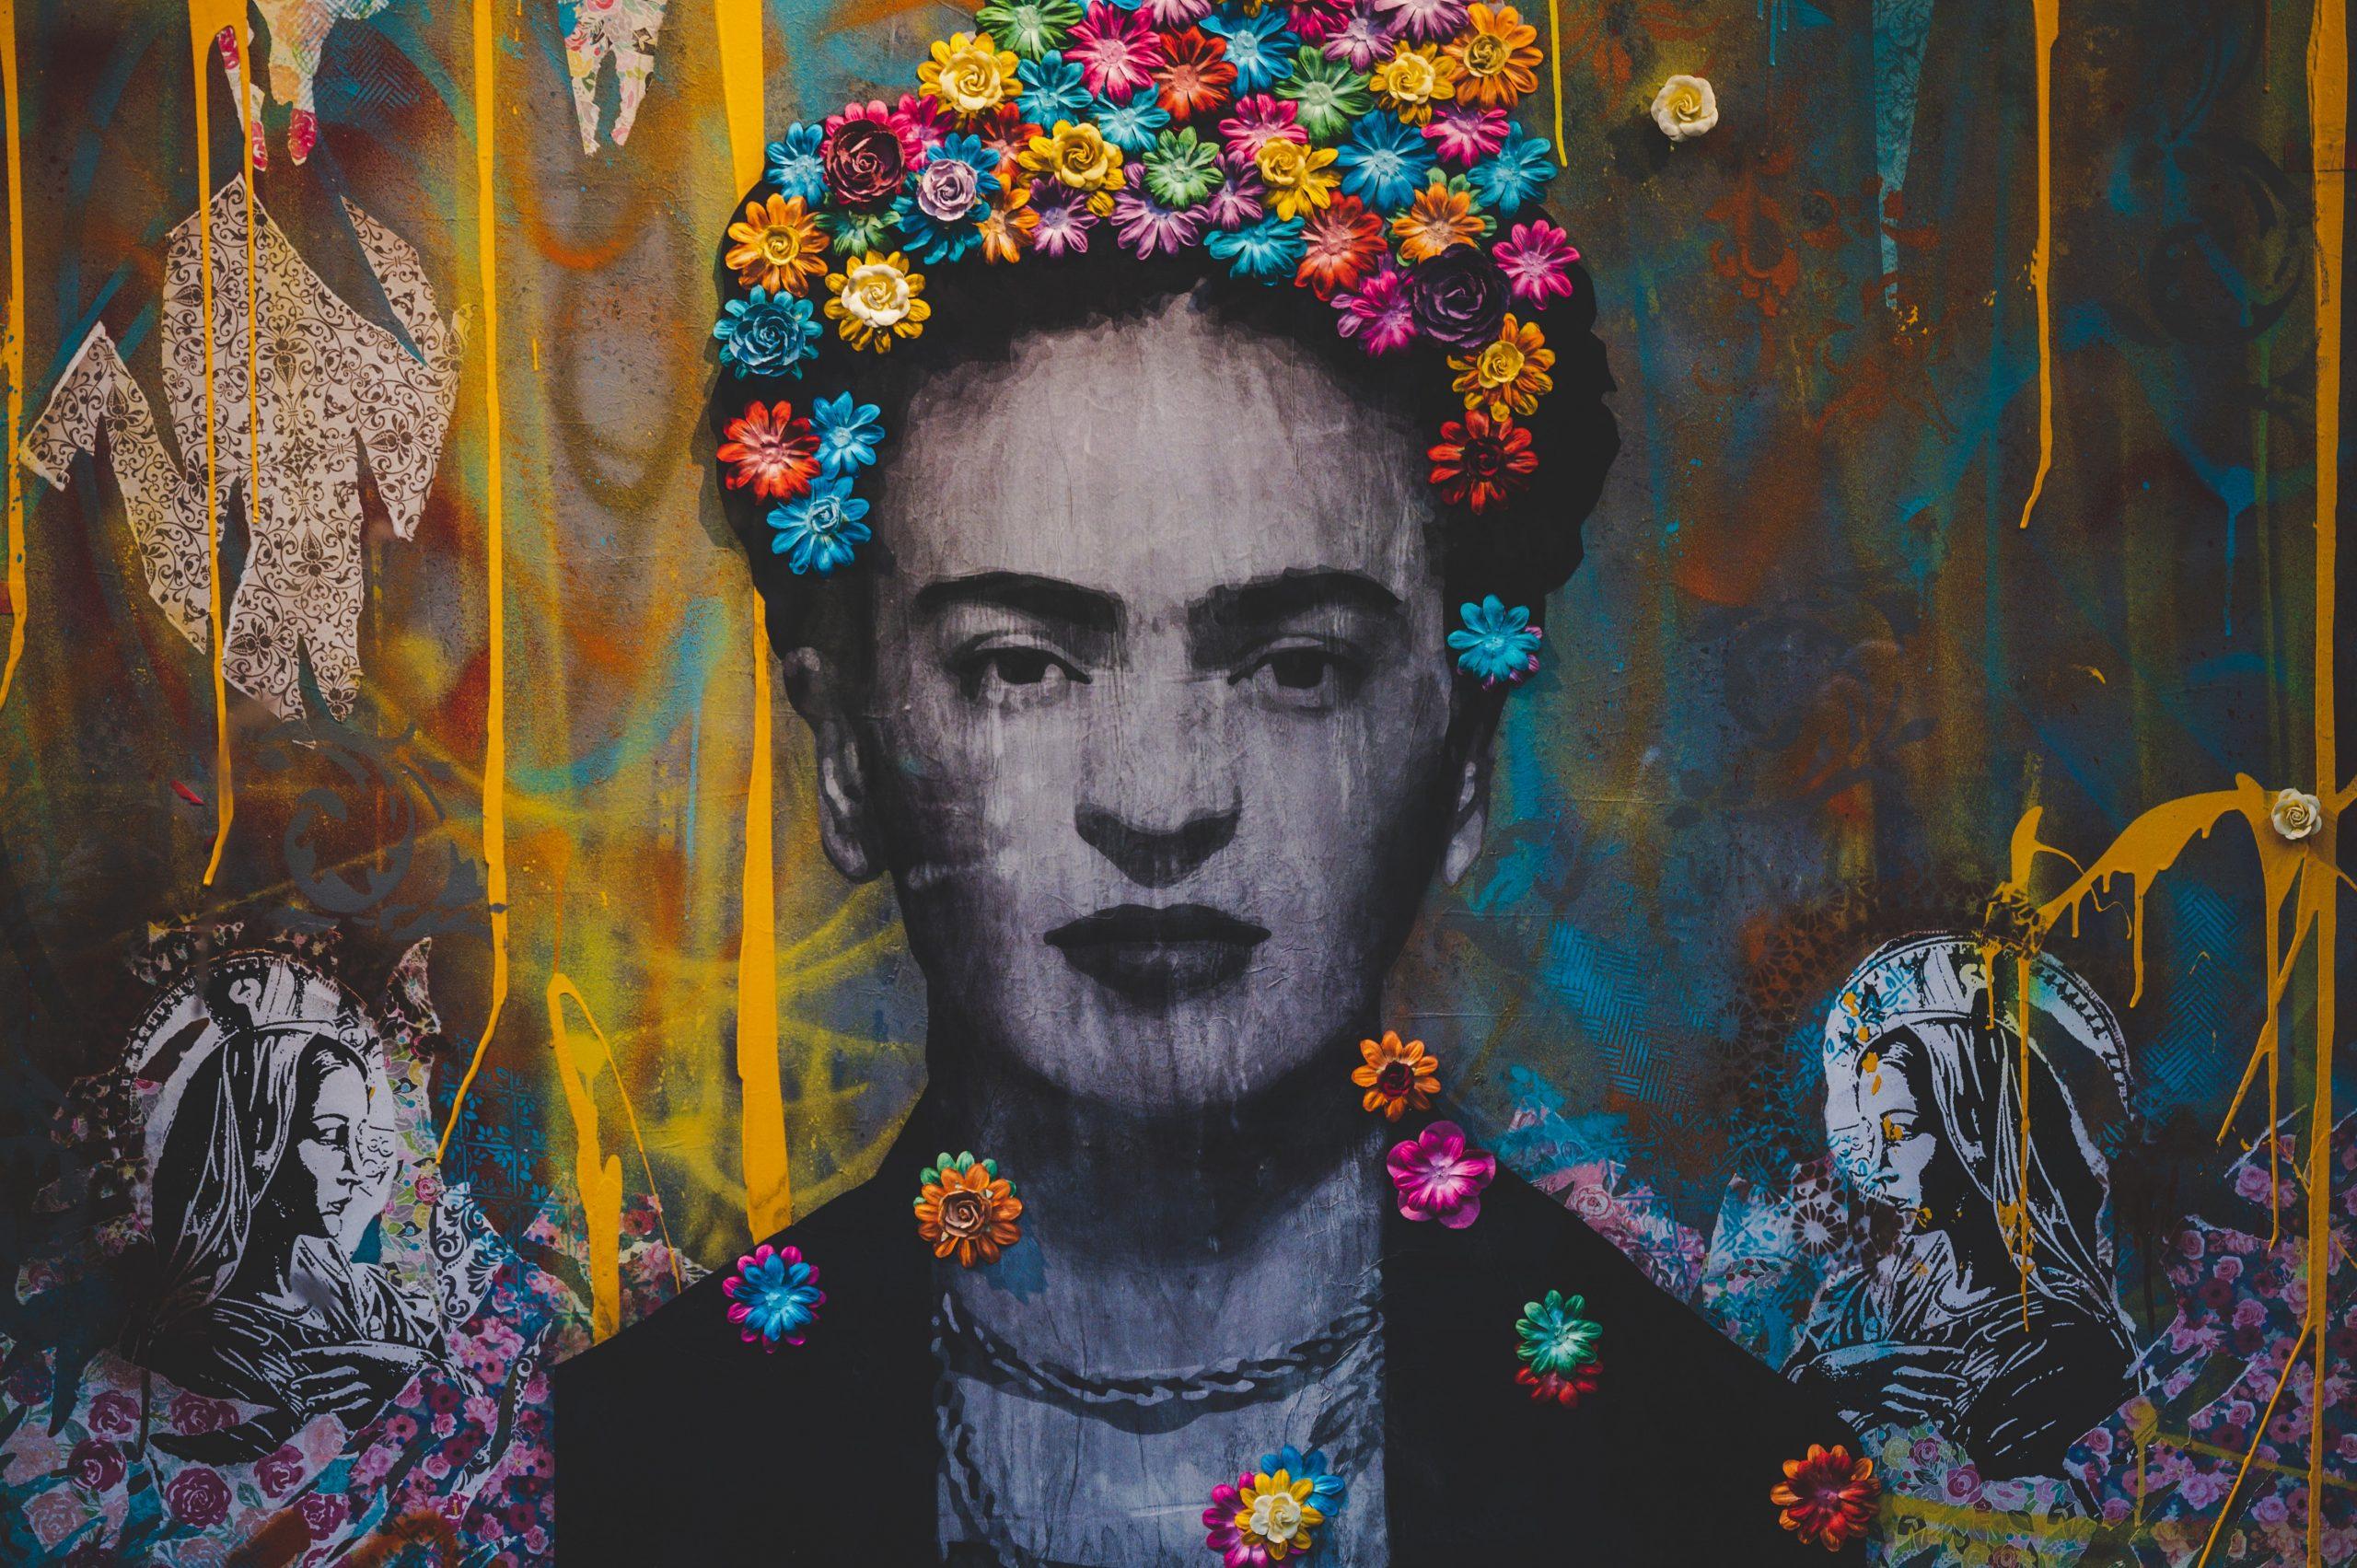 Sie die virtuelle Tour durch das Frida Kahlo Museum machen?